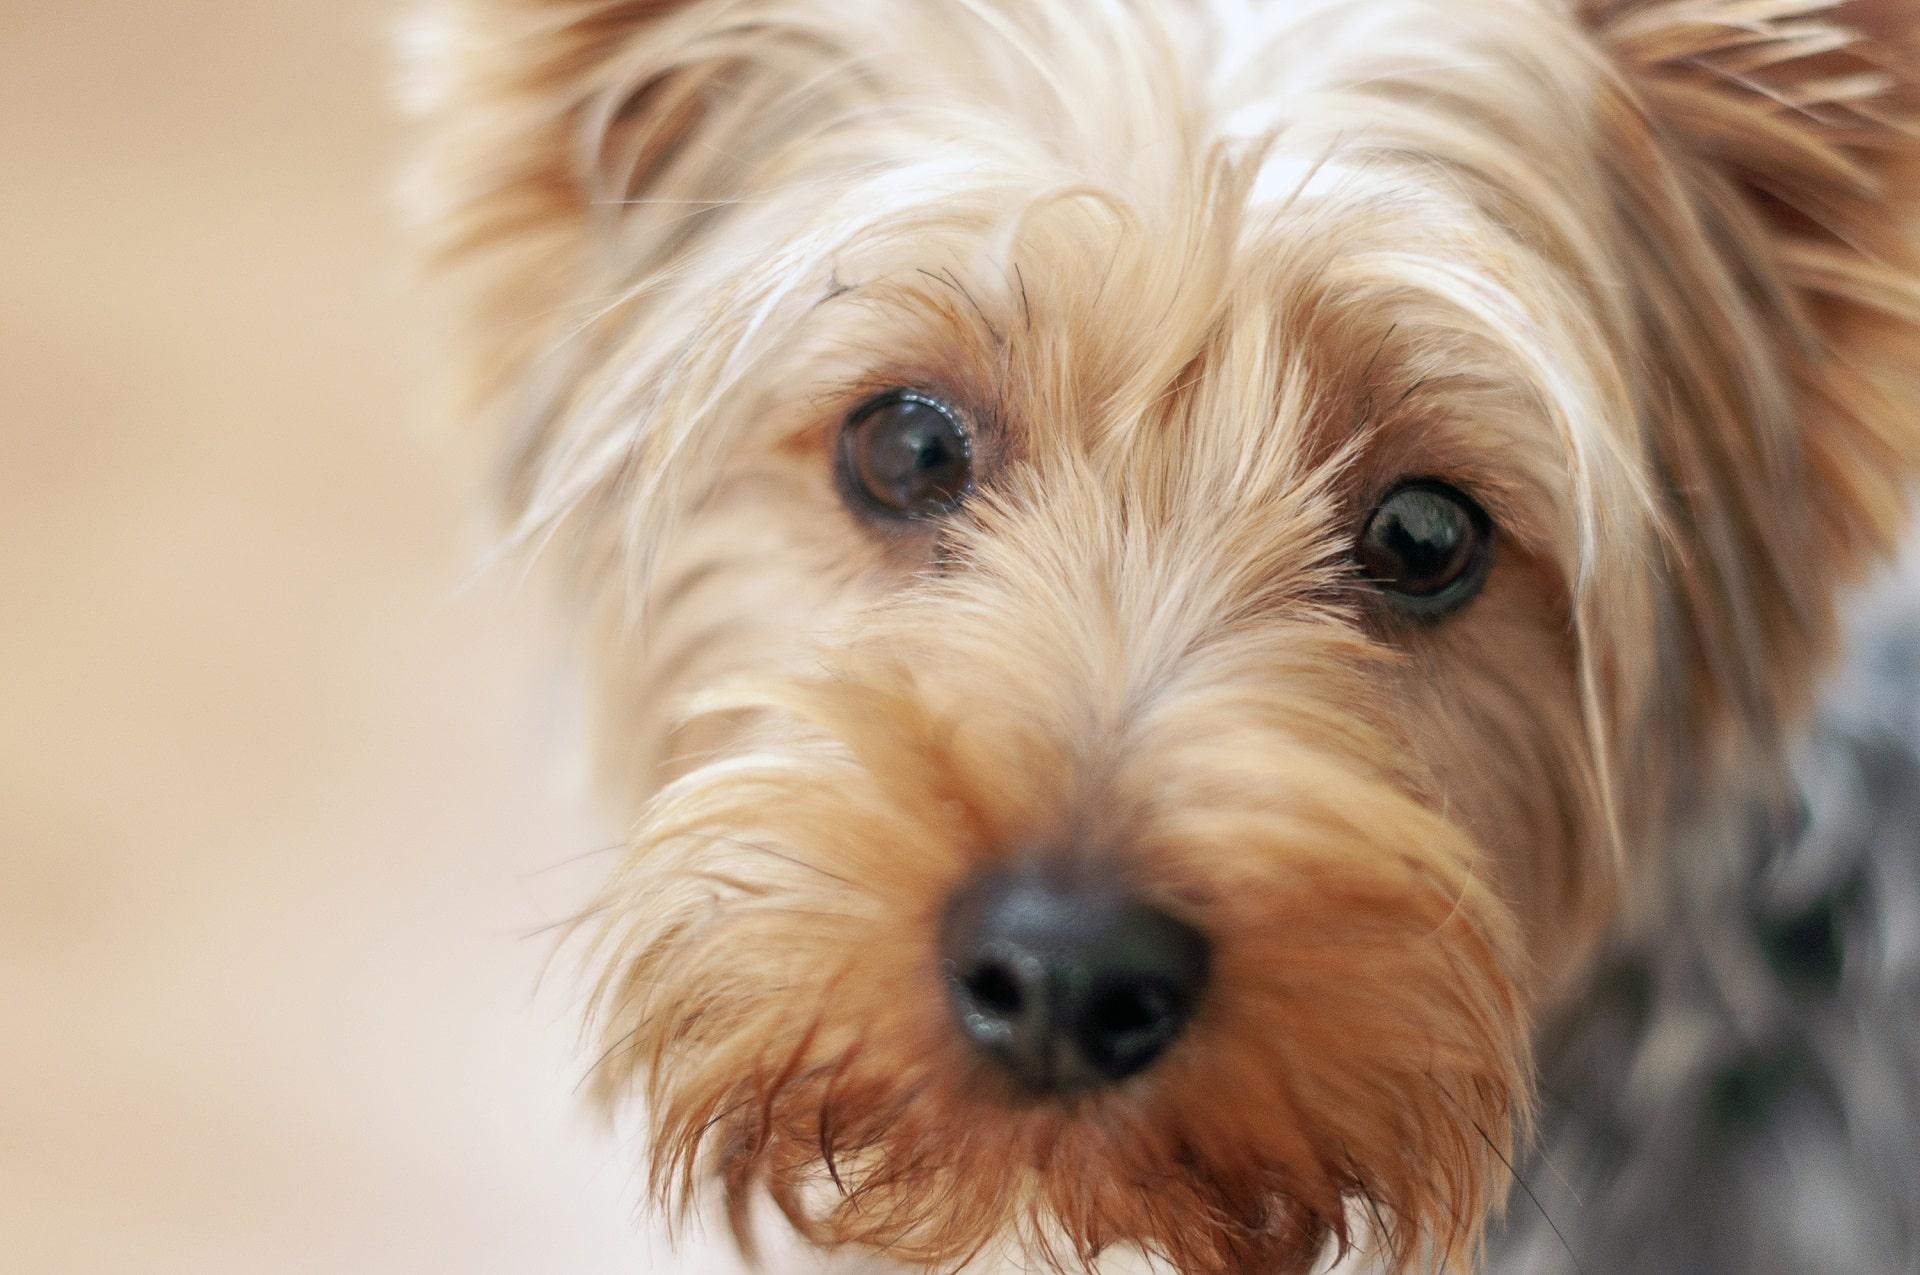 pies boi się właściciela